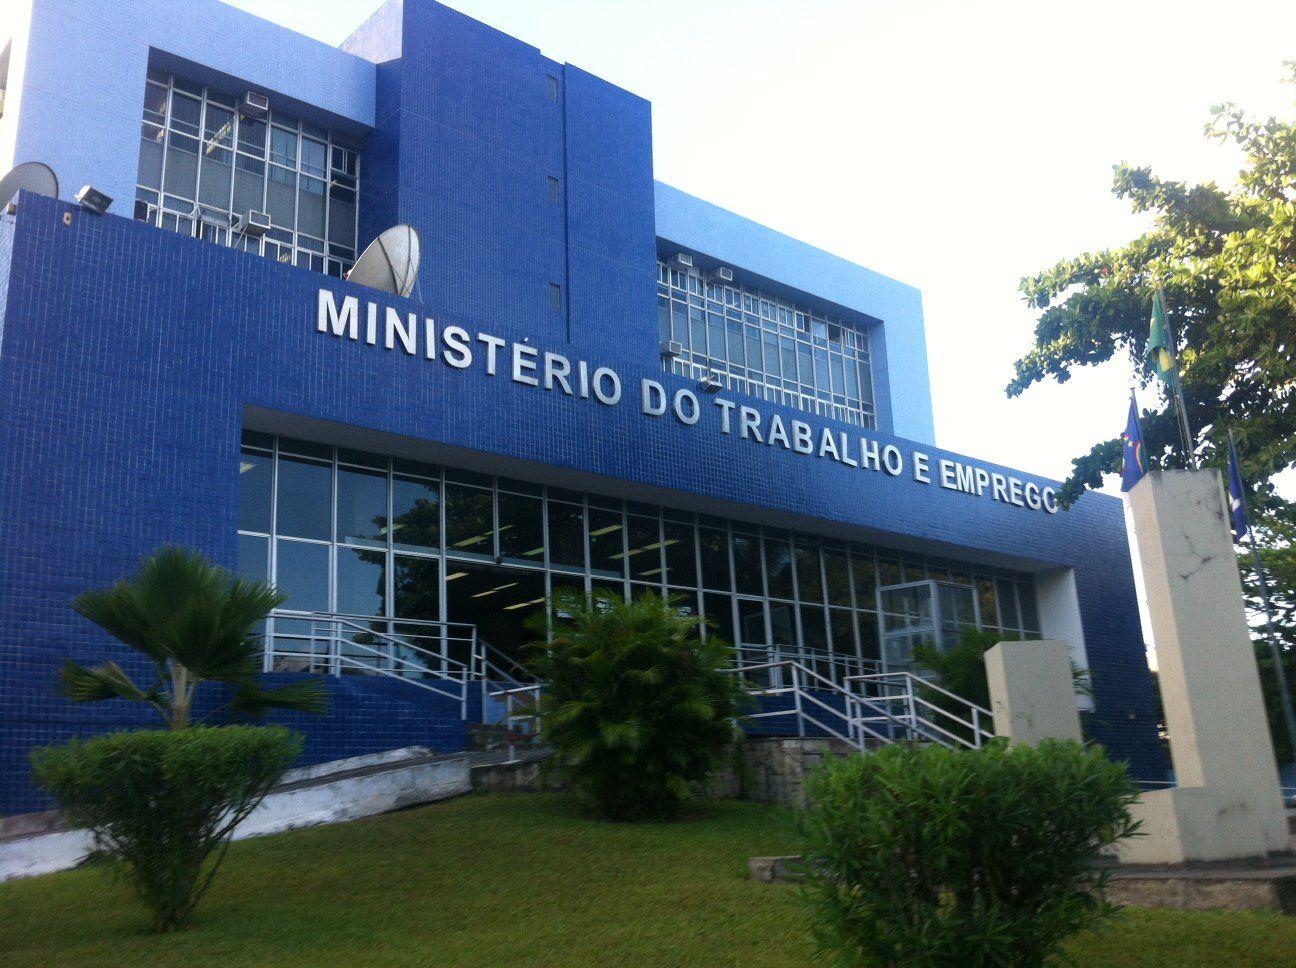 ministeriodotrabalho-faleconosco